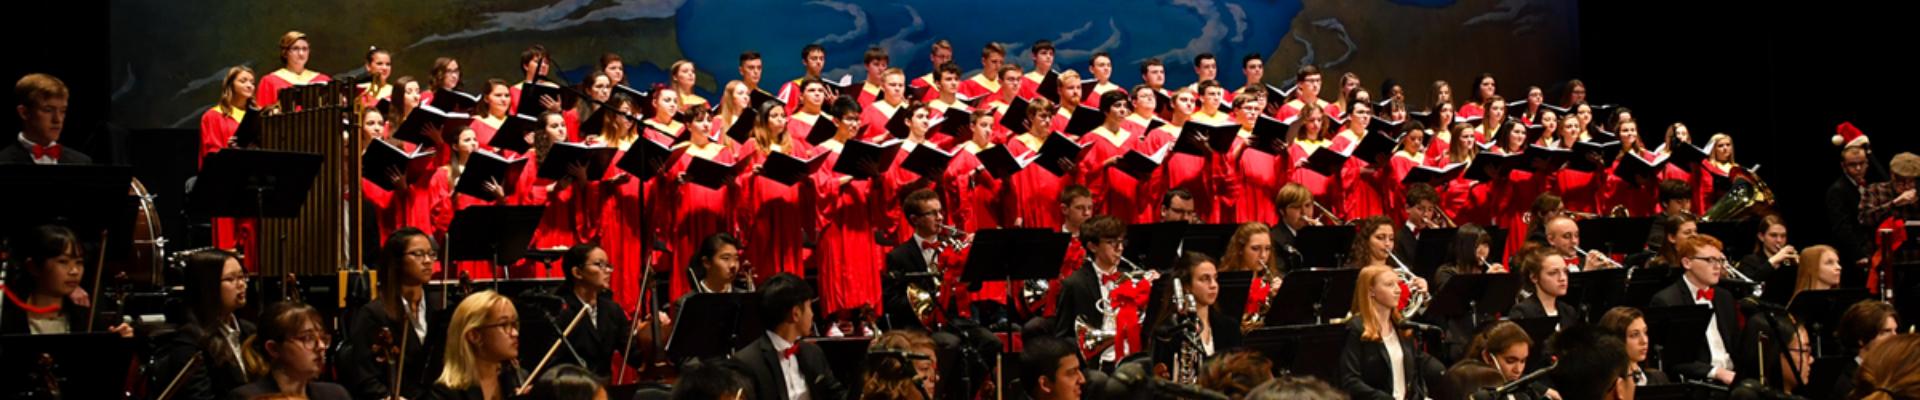 Melodies Of Christmas 2020 CBS 6 Melodies of Christmas   Proctors